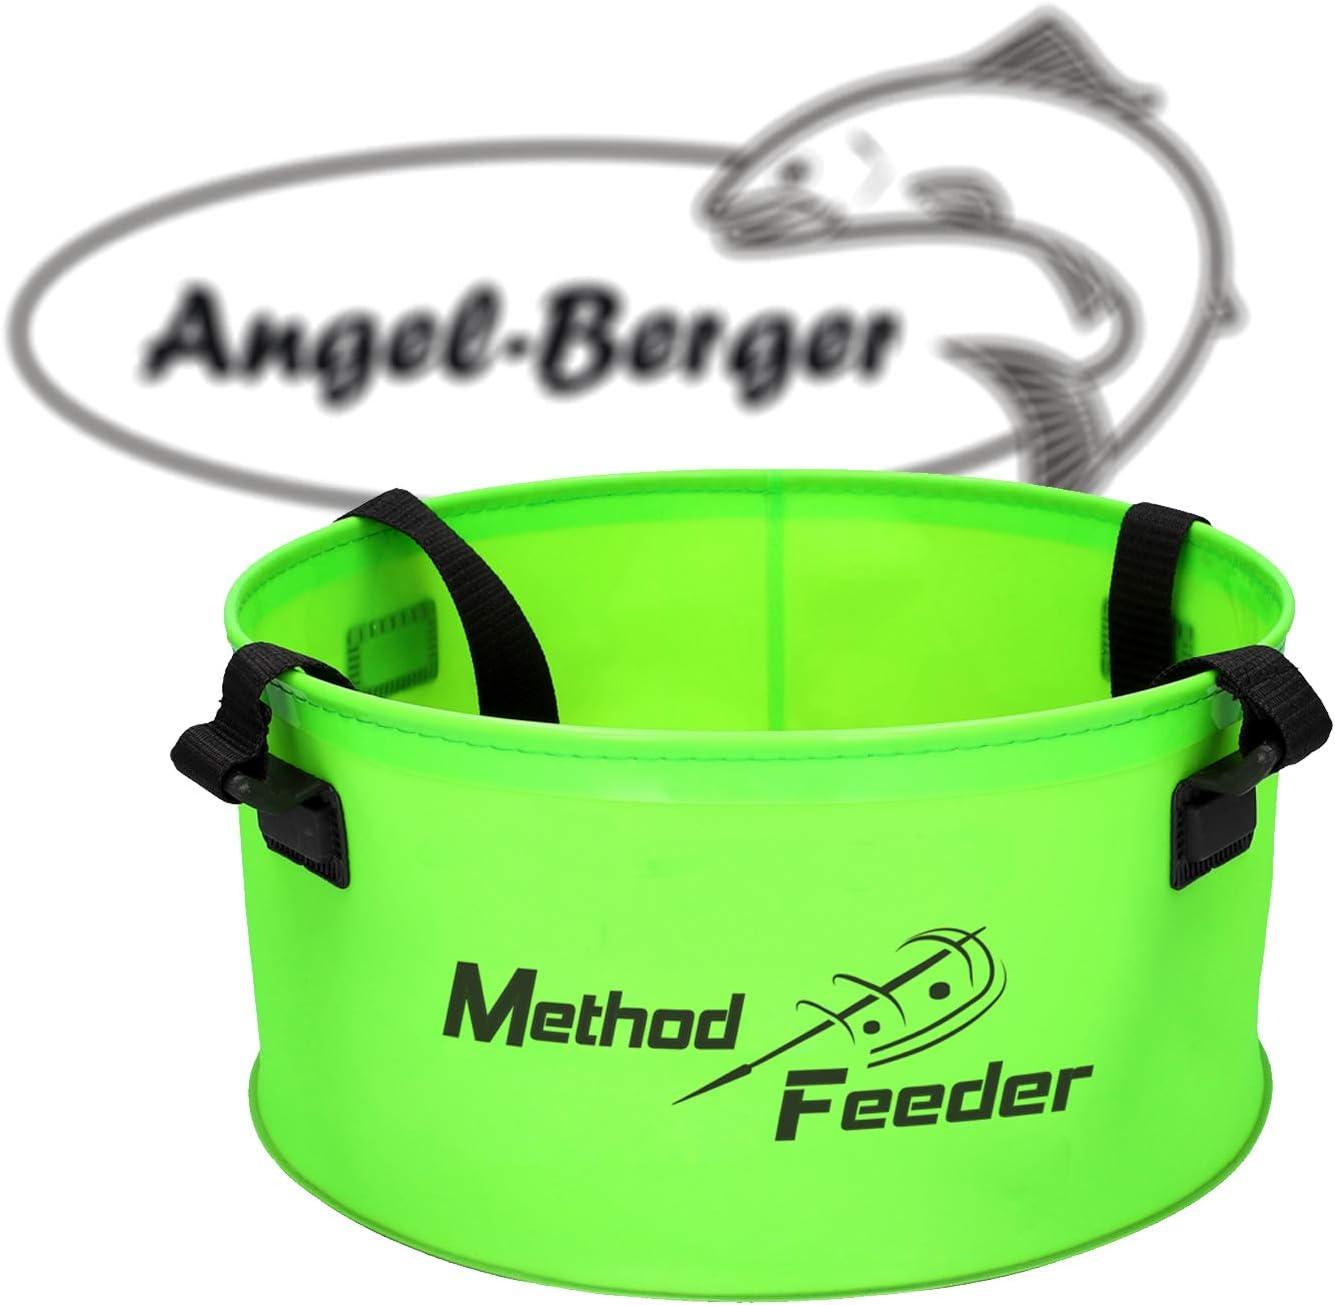 Angel-Berger Method Feeder Falteimer Eva Feedertasche Angeltasche Futtereimer